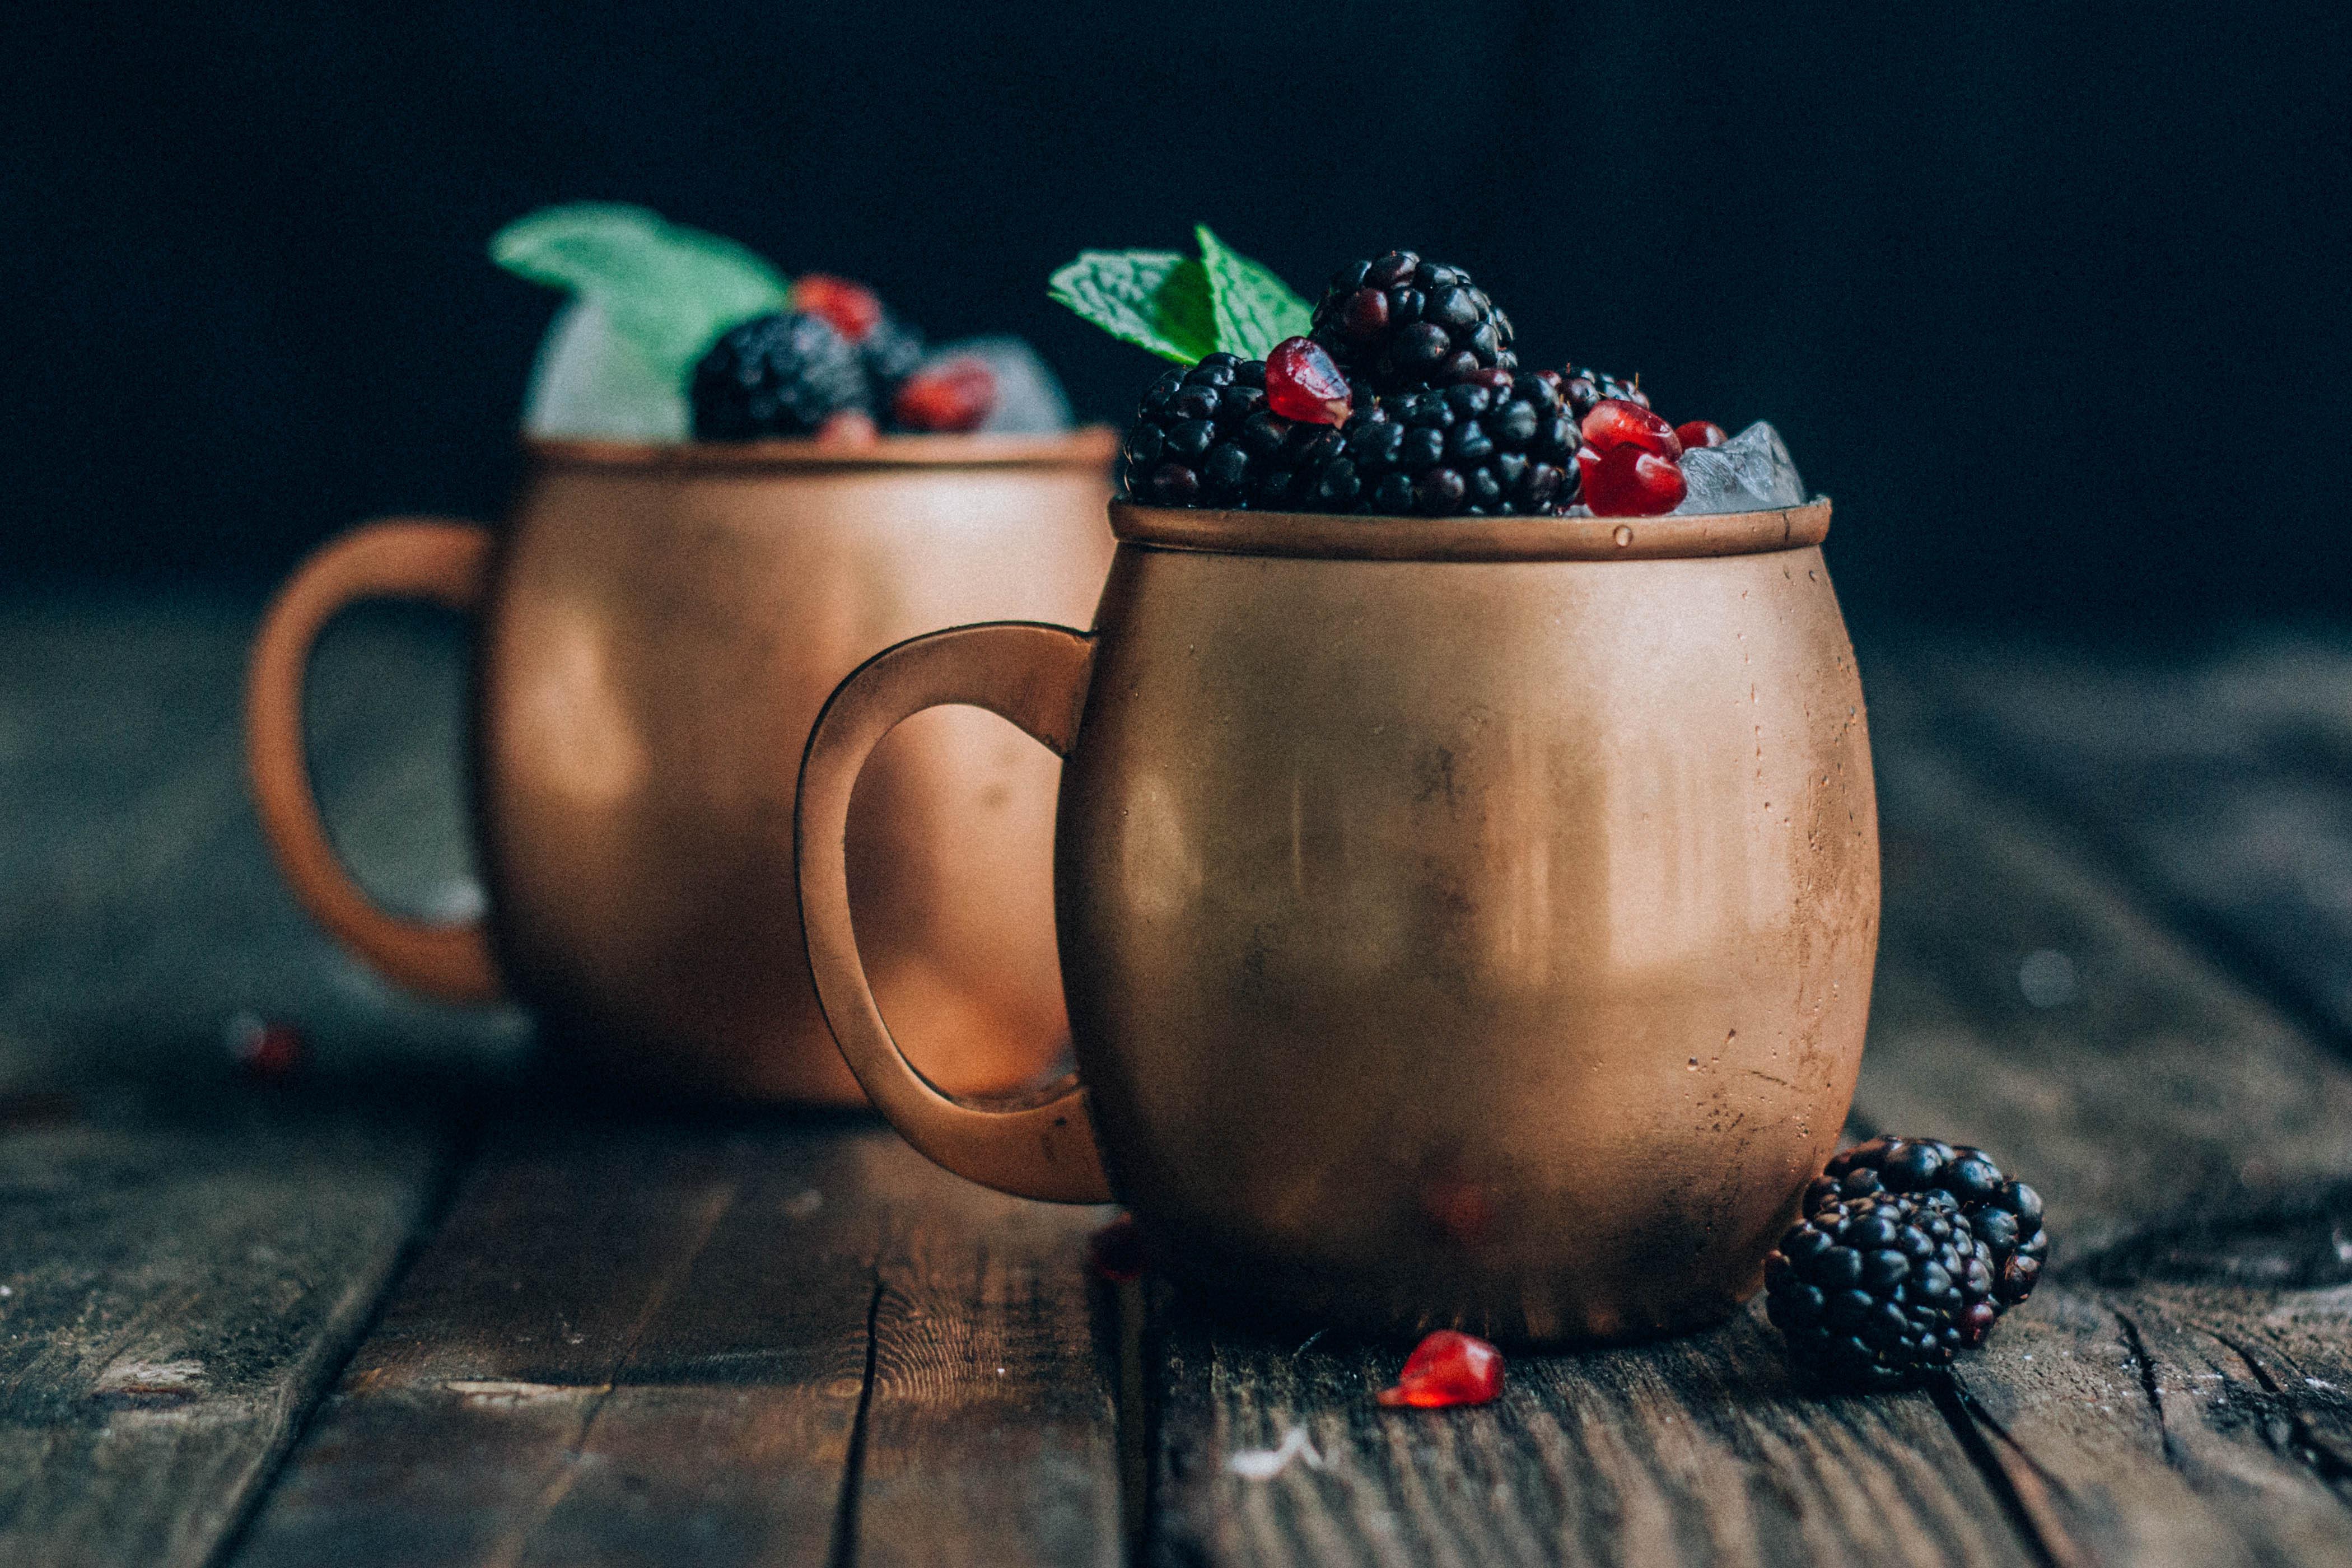 blackberry moscow mule edited-5.jpg